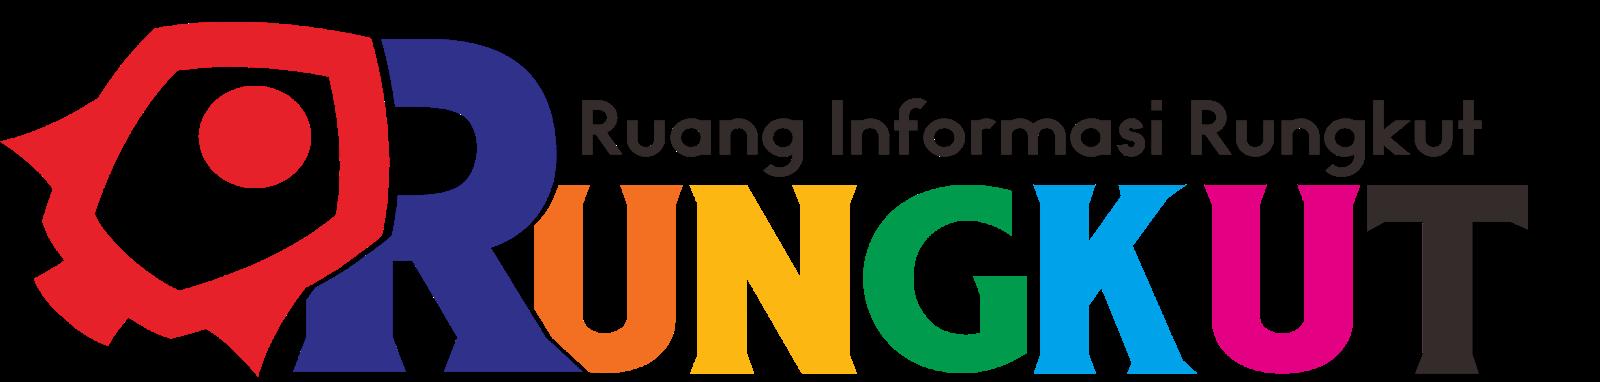 Ruang Informasi Daerah Rungkut